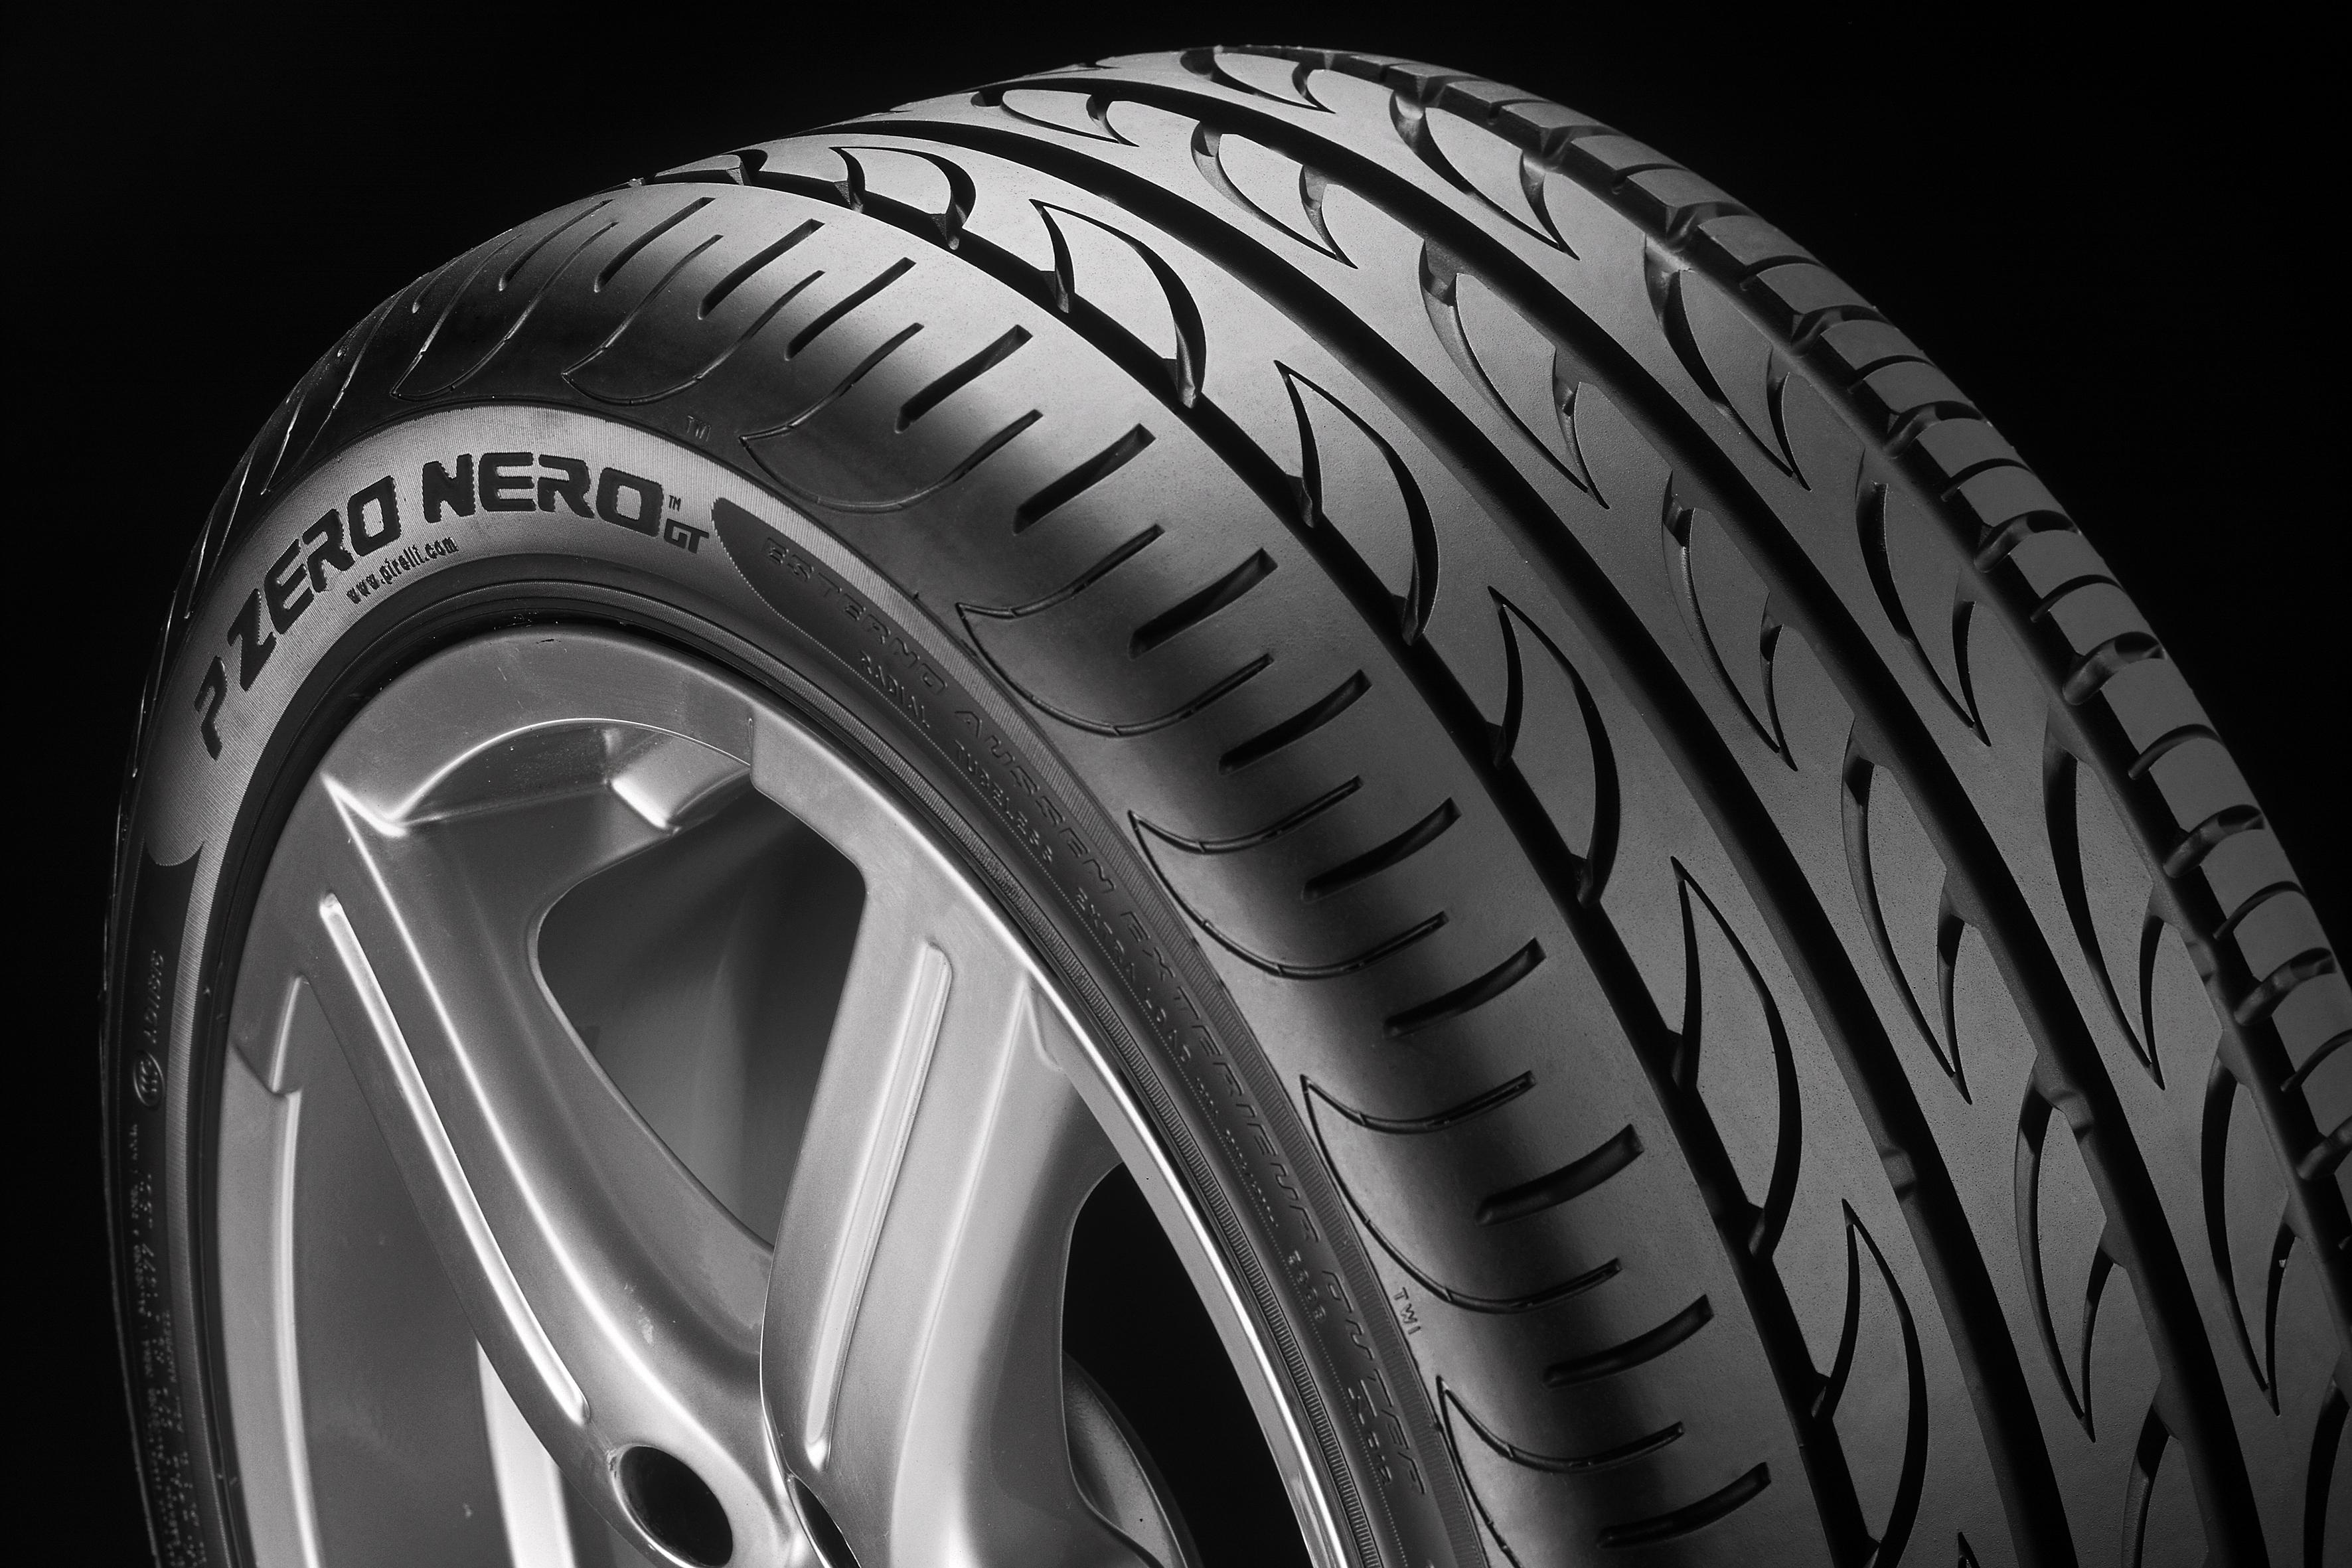 pirelli-dekk-sunndal-bilservice